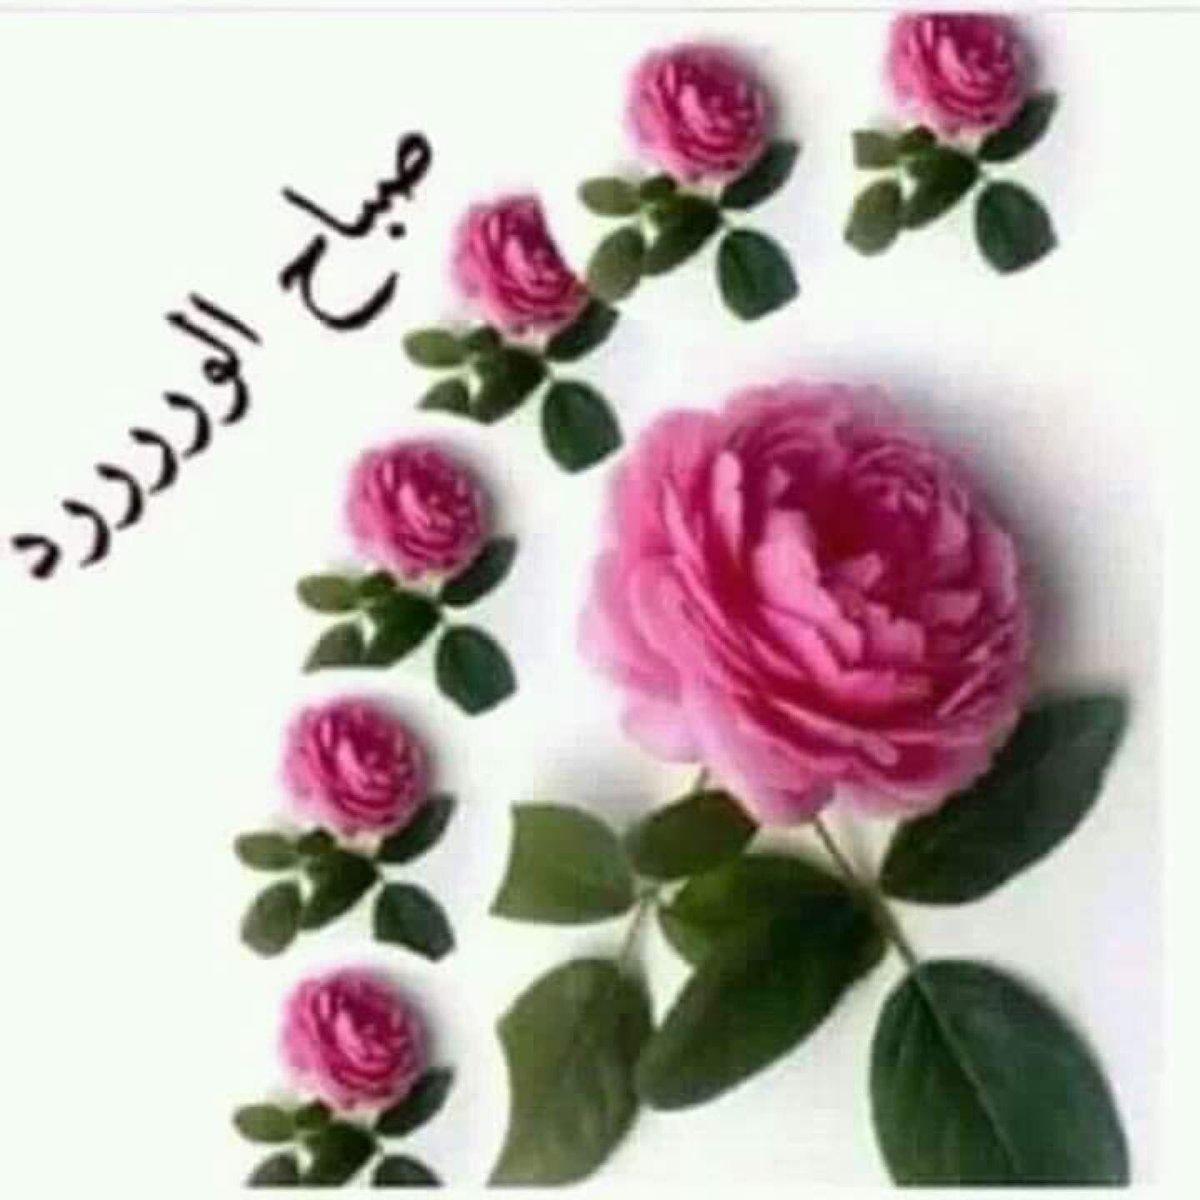 بالصور صباح الخير رومانسية , اقيم واشيك صور صباح الخير لاحبابنا 4994 3